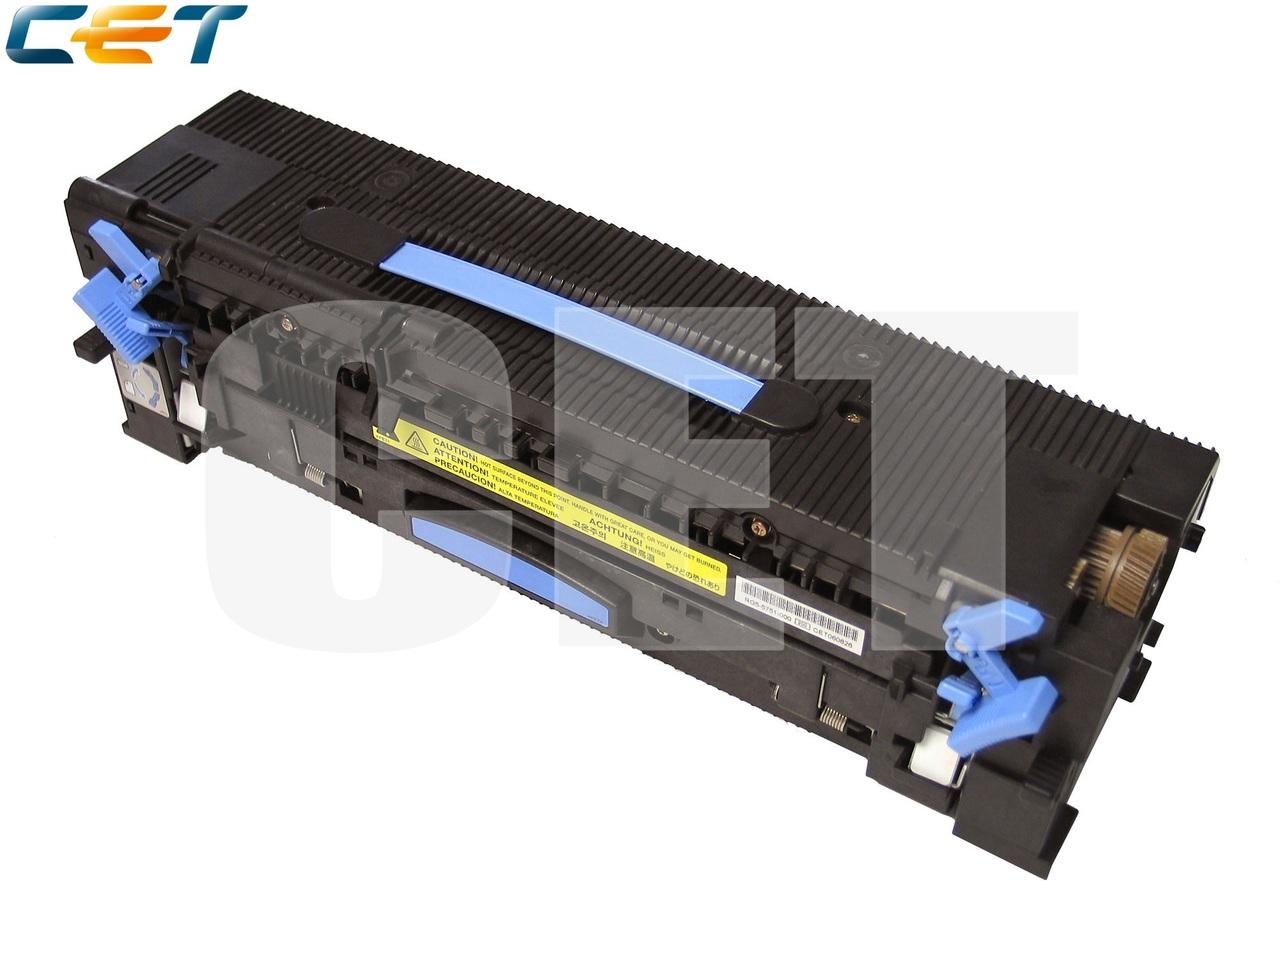 Фьюзер (печка) в сборе RG5-5751-000 для HP LaserJet9000/9040/9050 (CET), CET0715